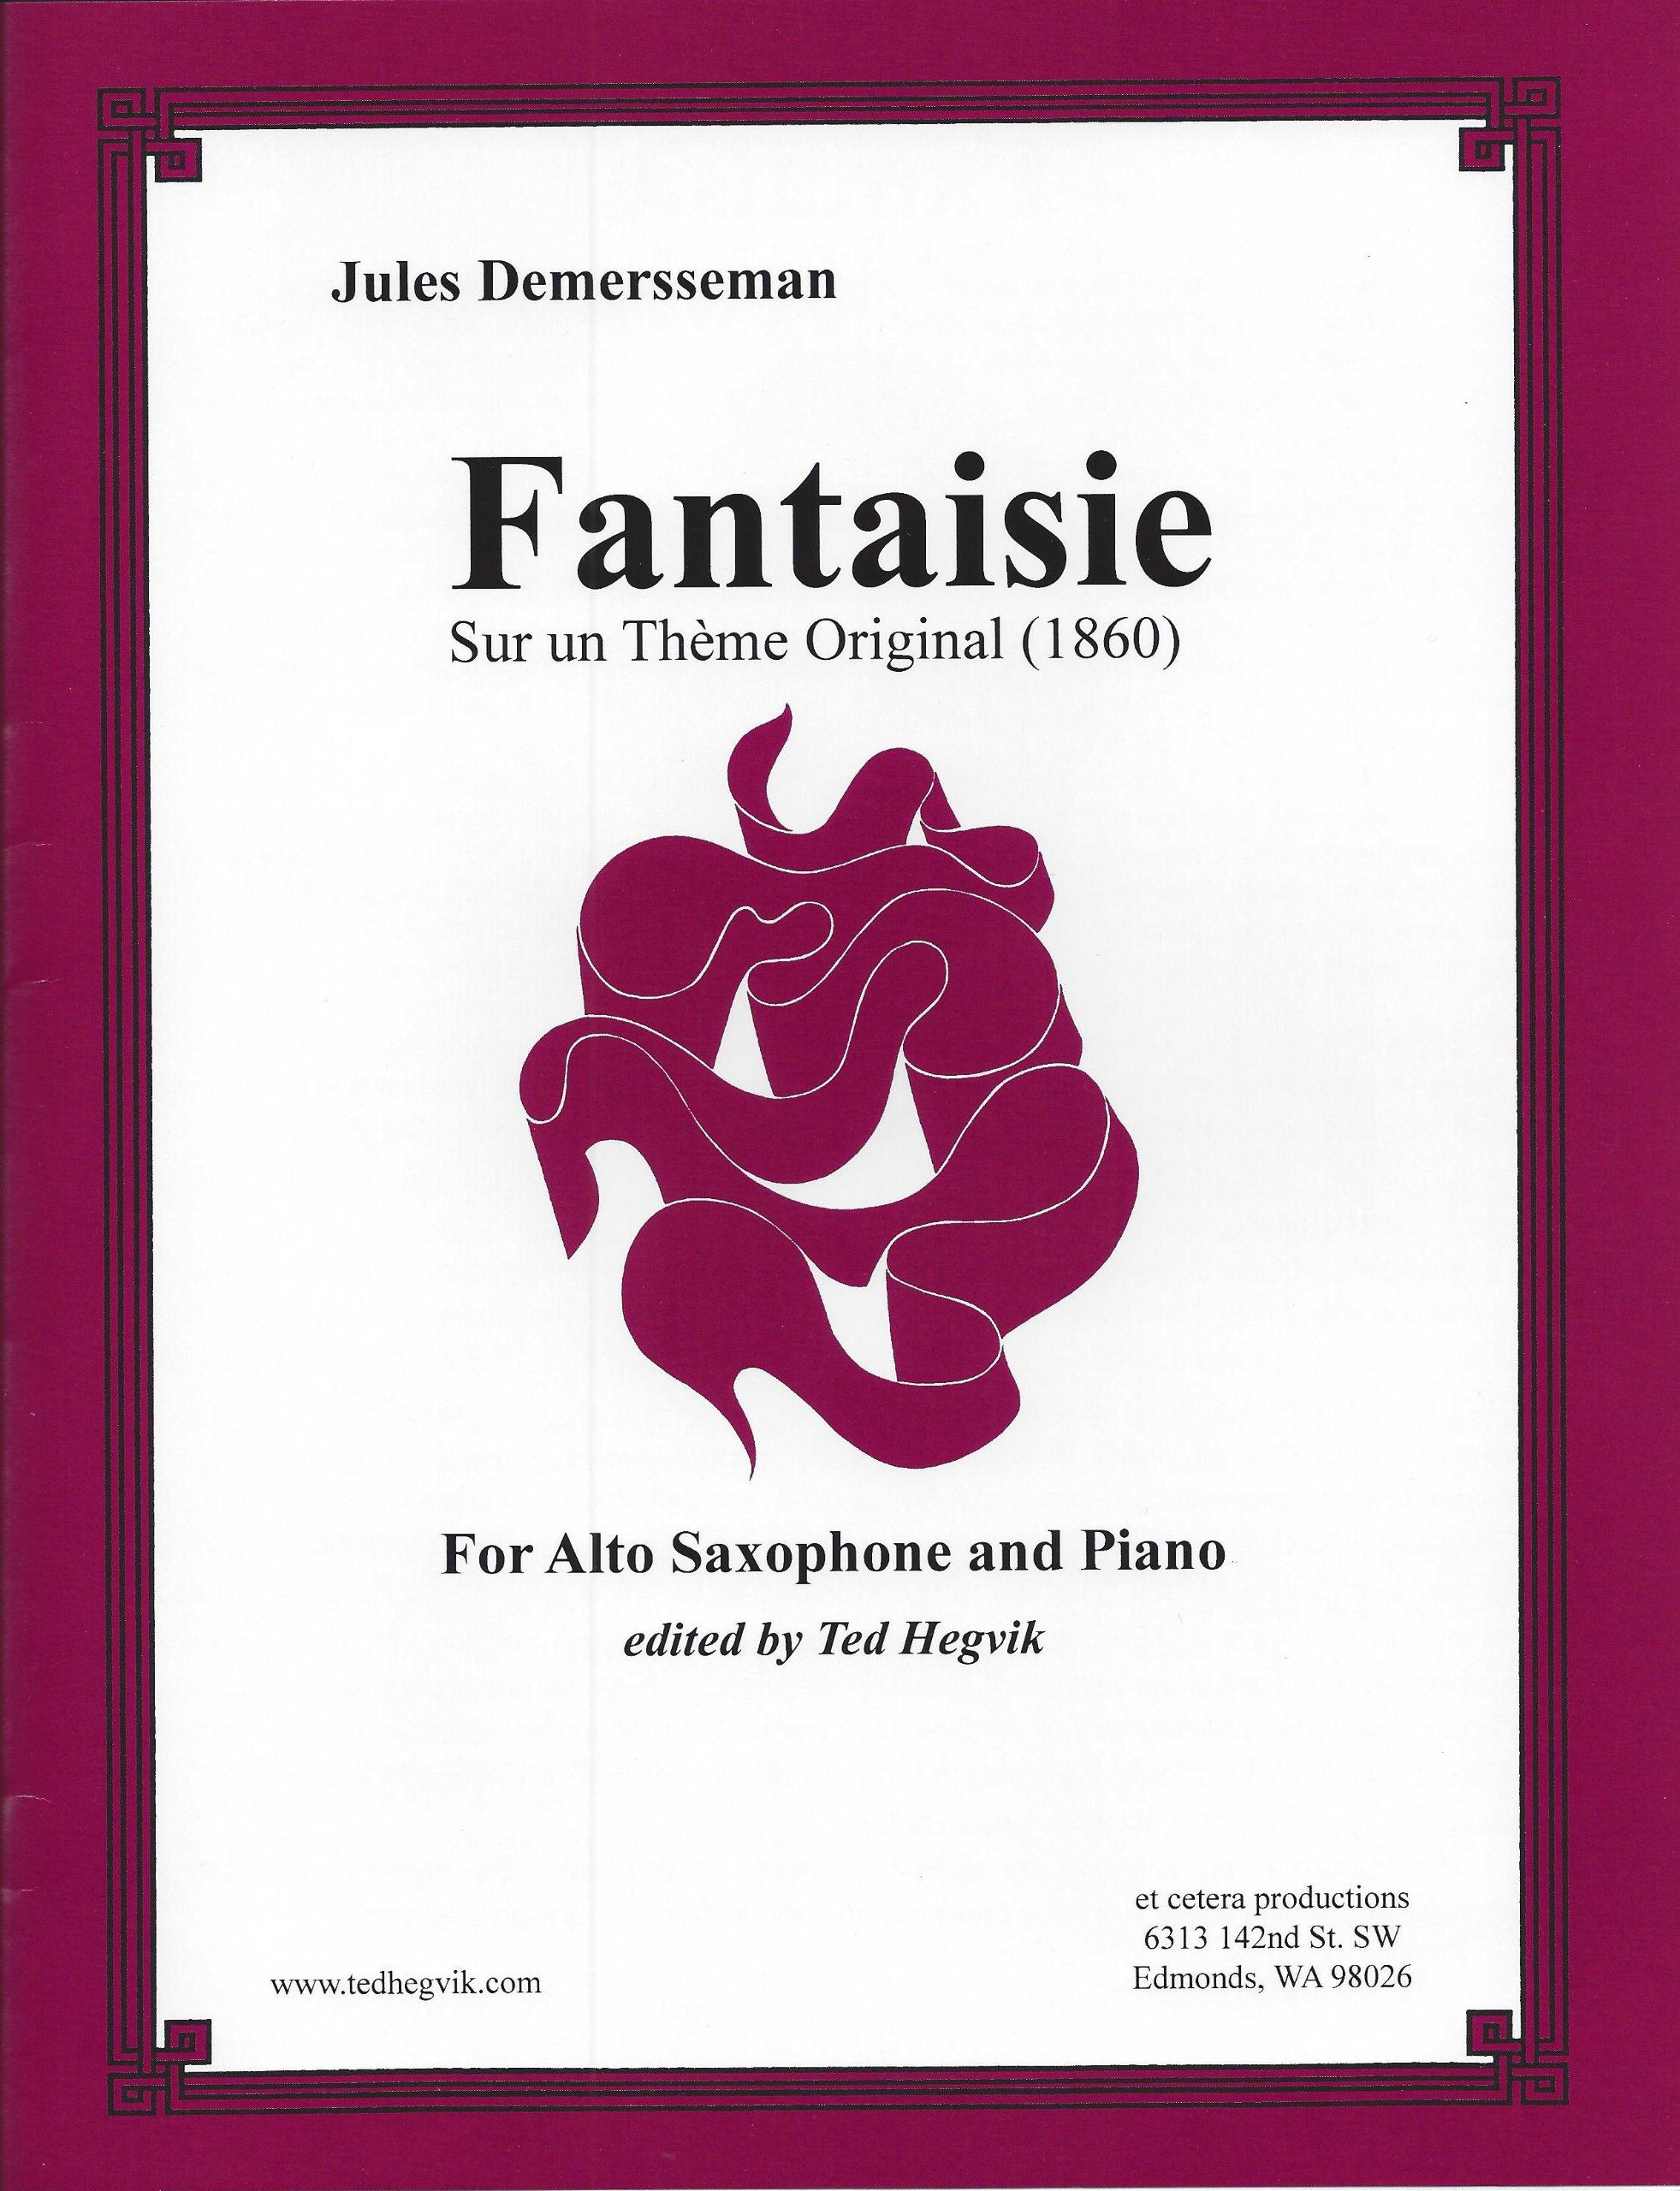 Amazon Com Jules Demersseman Fantaisie Sur Un Theme Original 1860